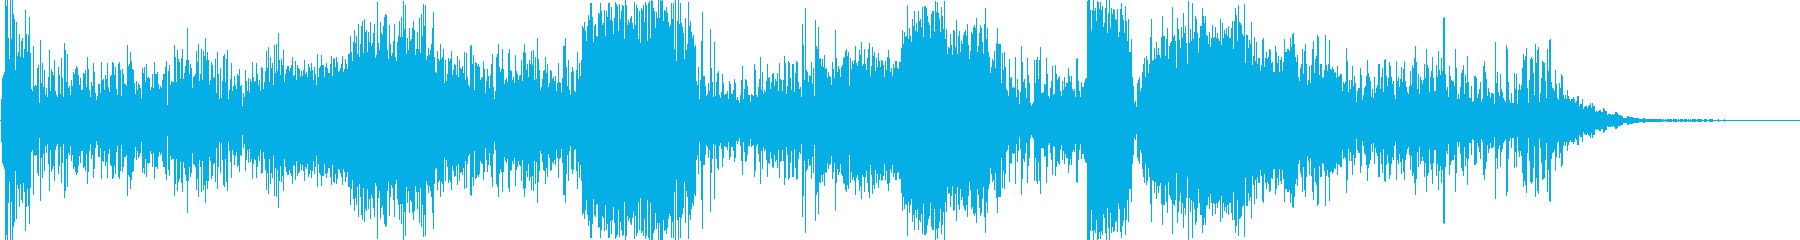 重い深宇宙の明るい無線干渉の再生済みの波形